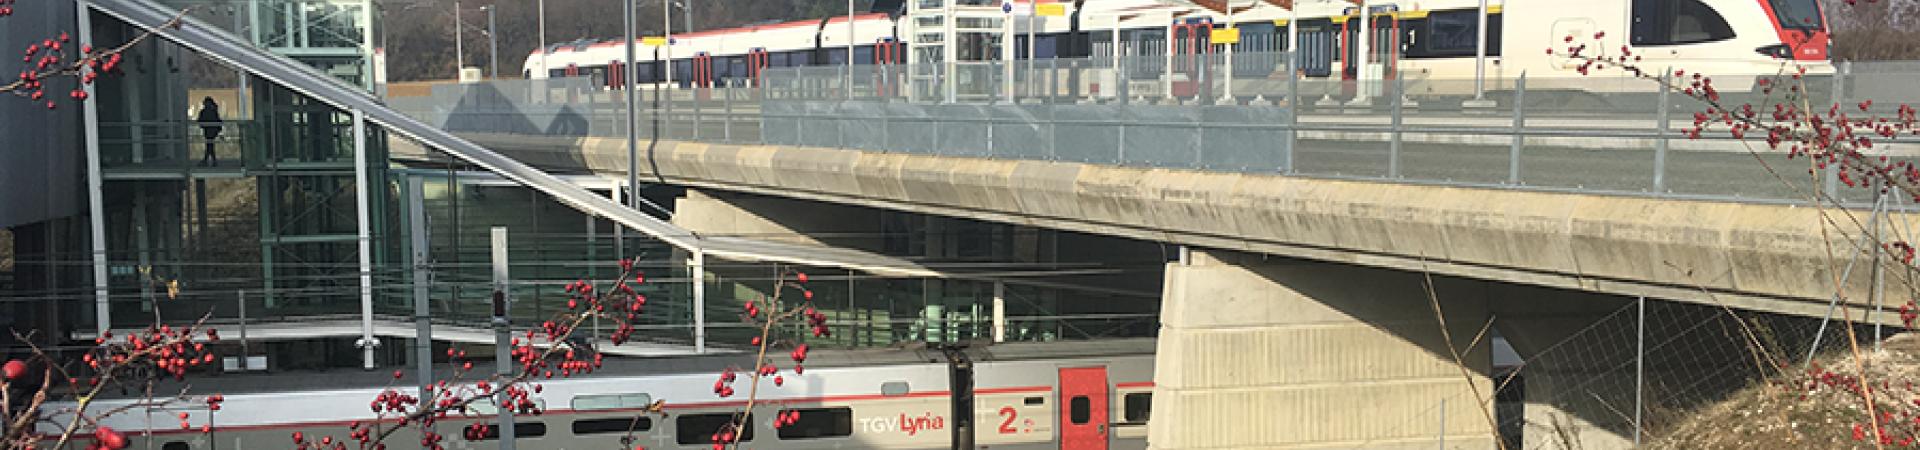 Réouverture au voyageurs de la ligne Belfort-Delle